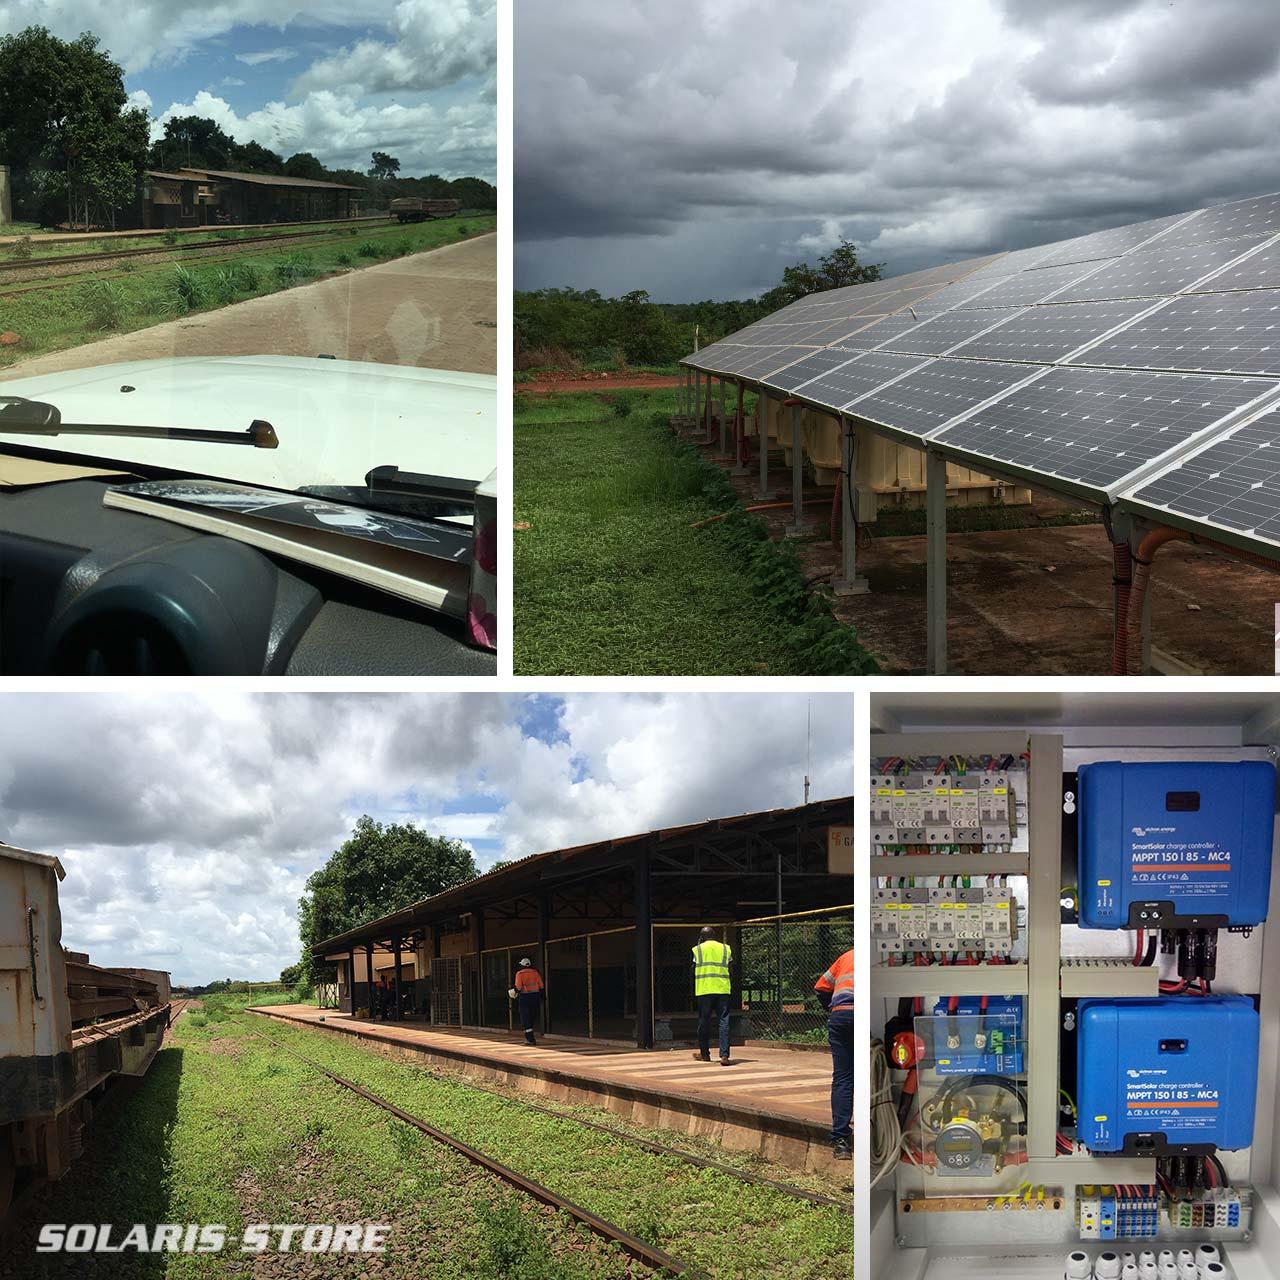 Générateur solaire Off Grid pour alimenter une ligne de train de marchandise en Afrique